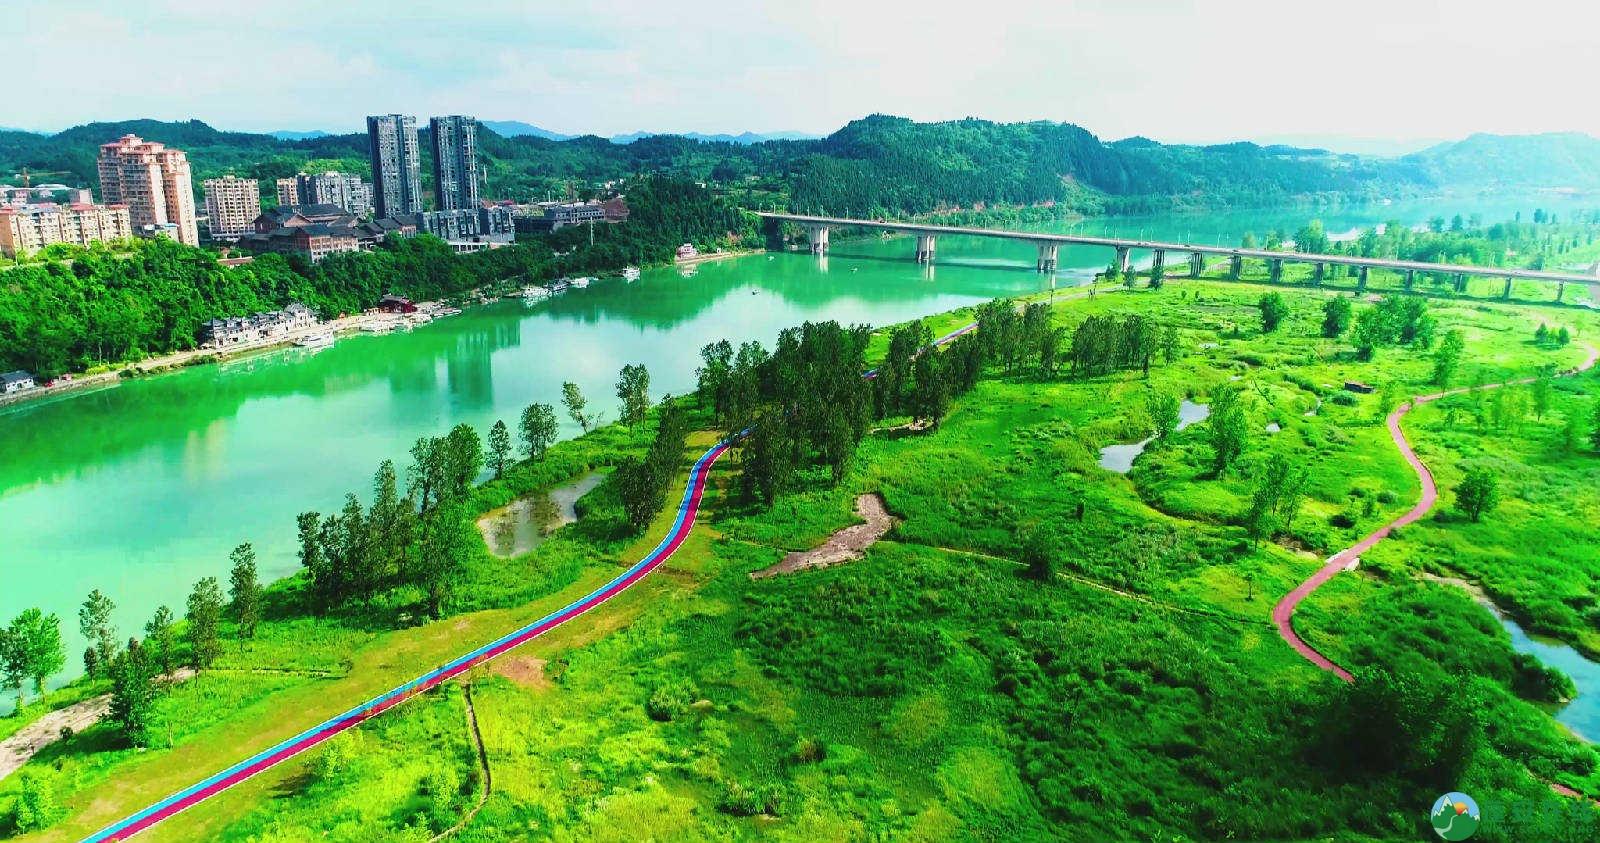 蓬安锦屏湿地公园双色跑道 - 第6张  | 蓬安在线